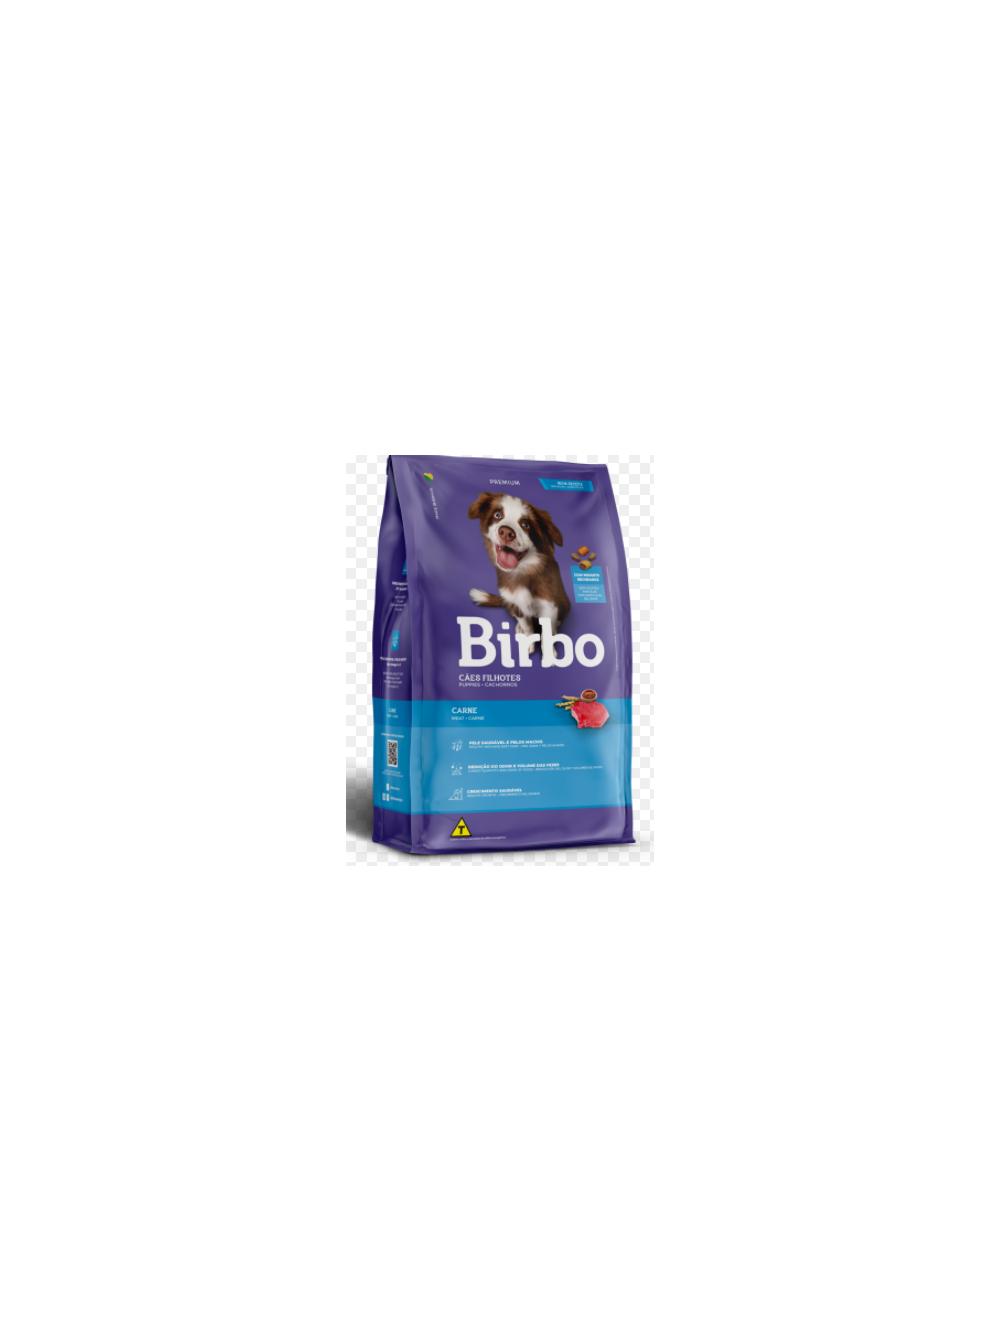 Birbo Dog Puppy 1 kg